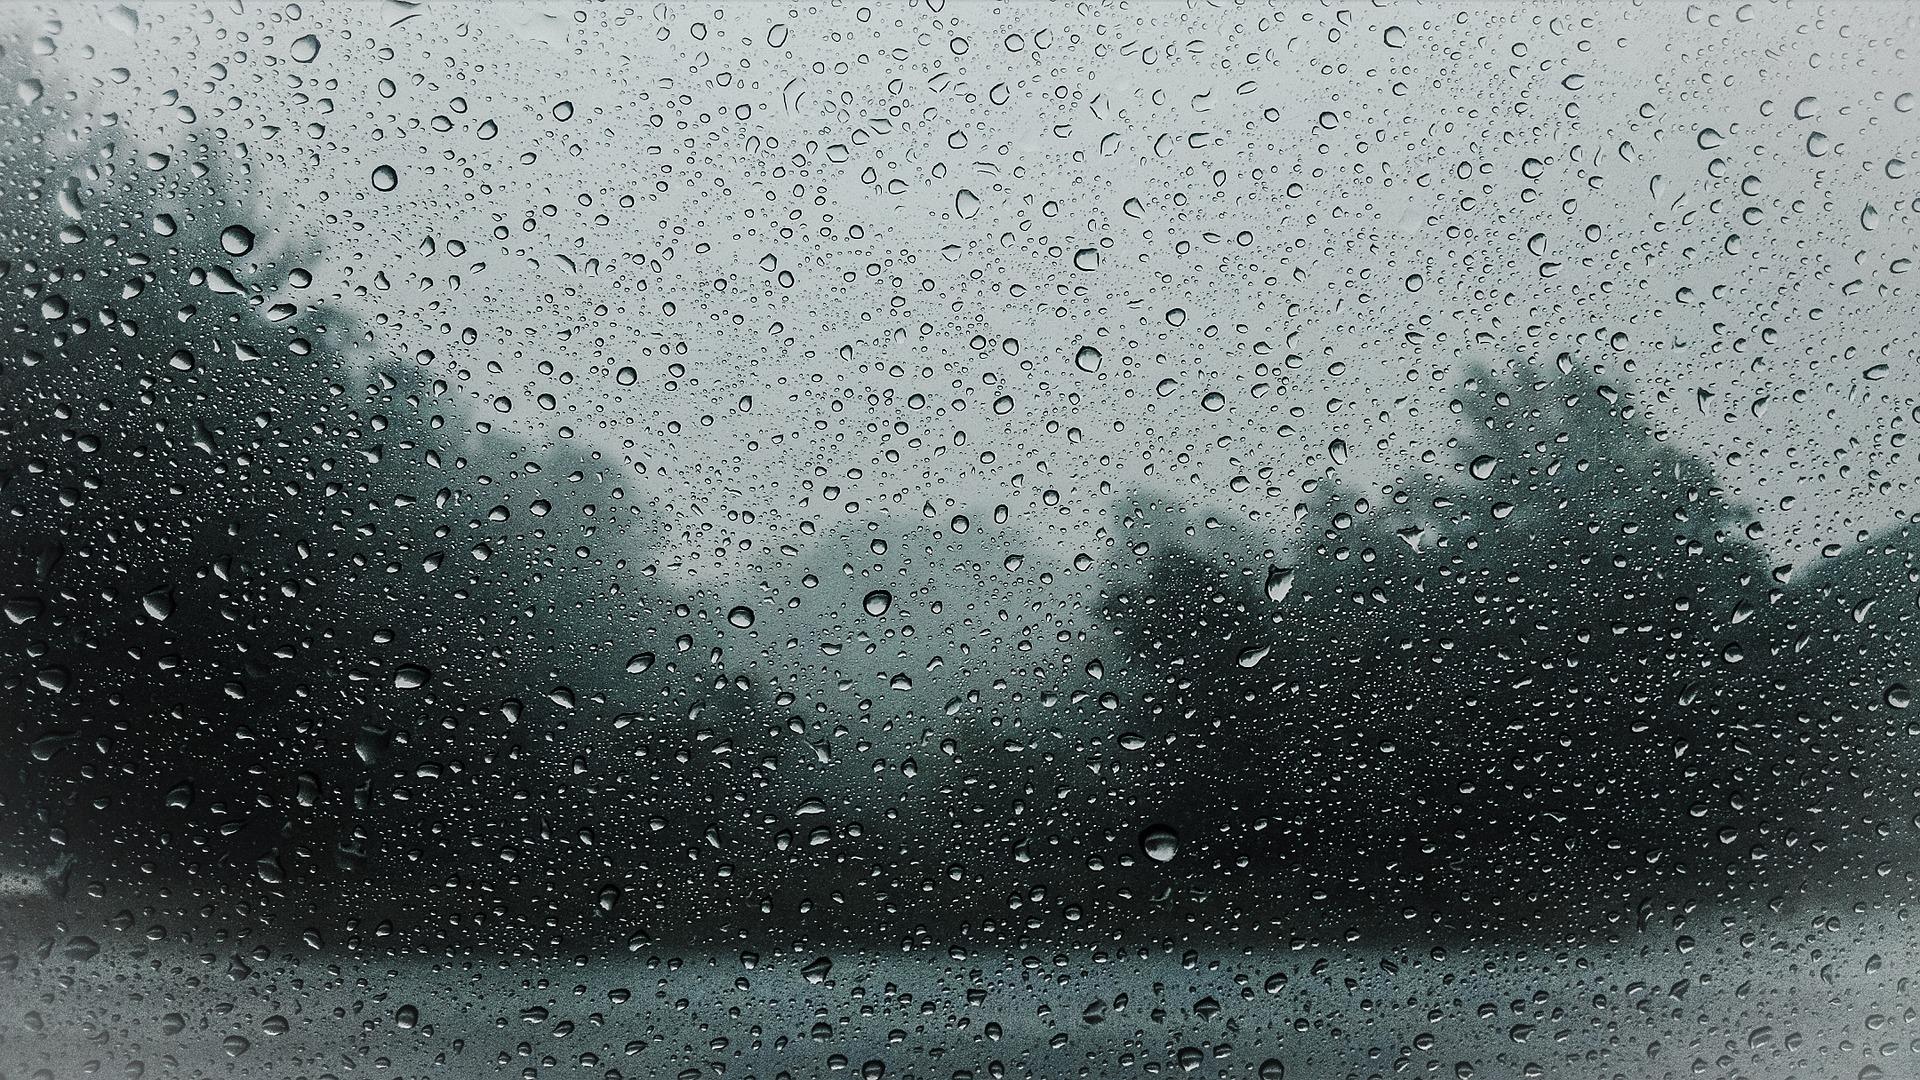 Landschaft hinte einer Glasscheibe bei Regen